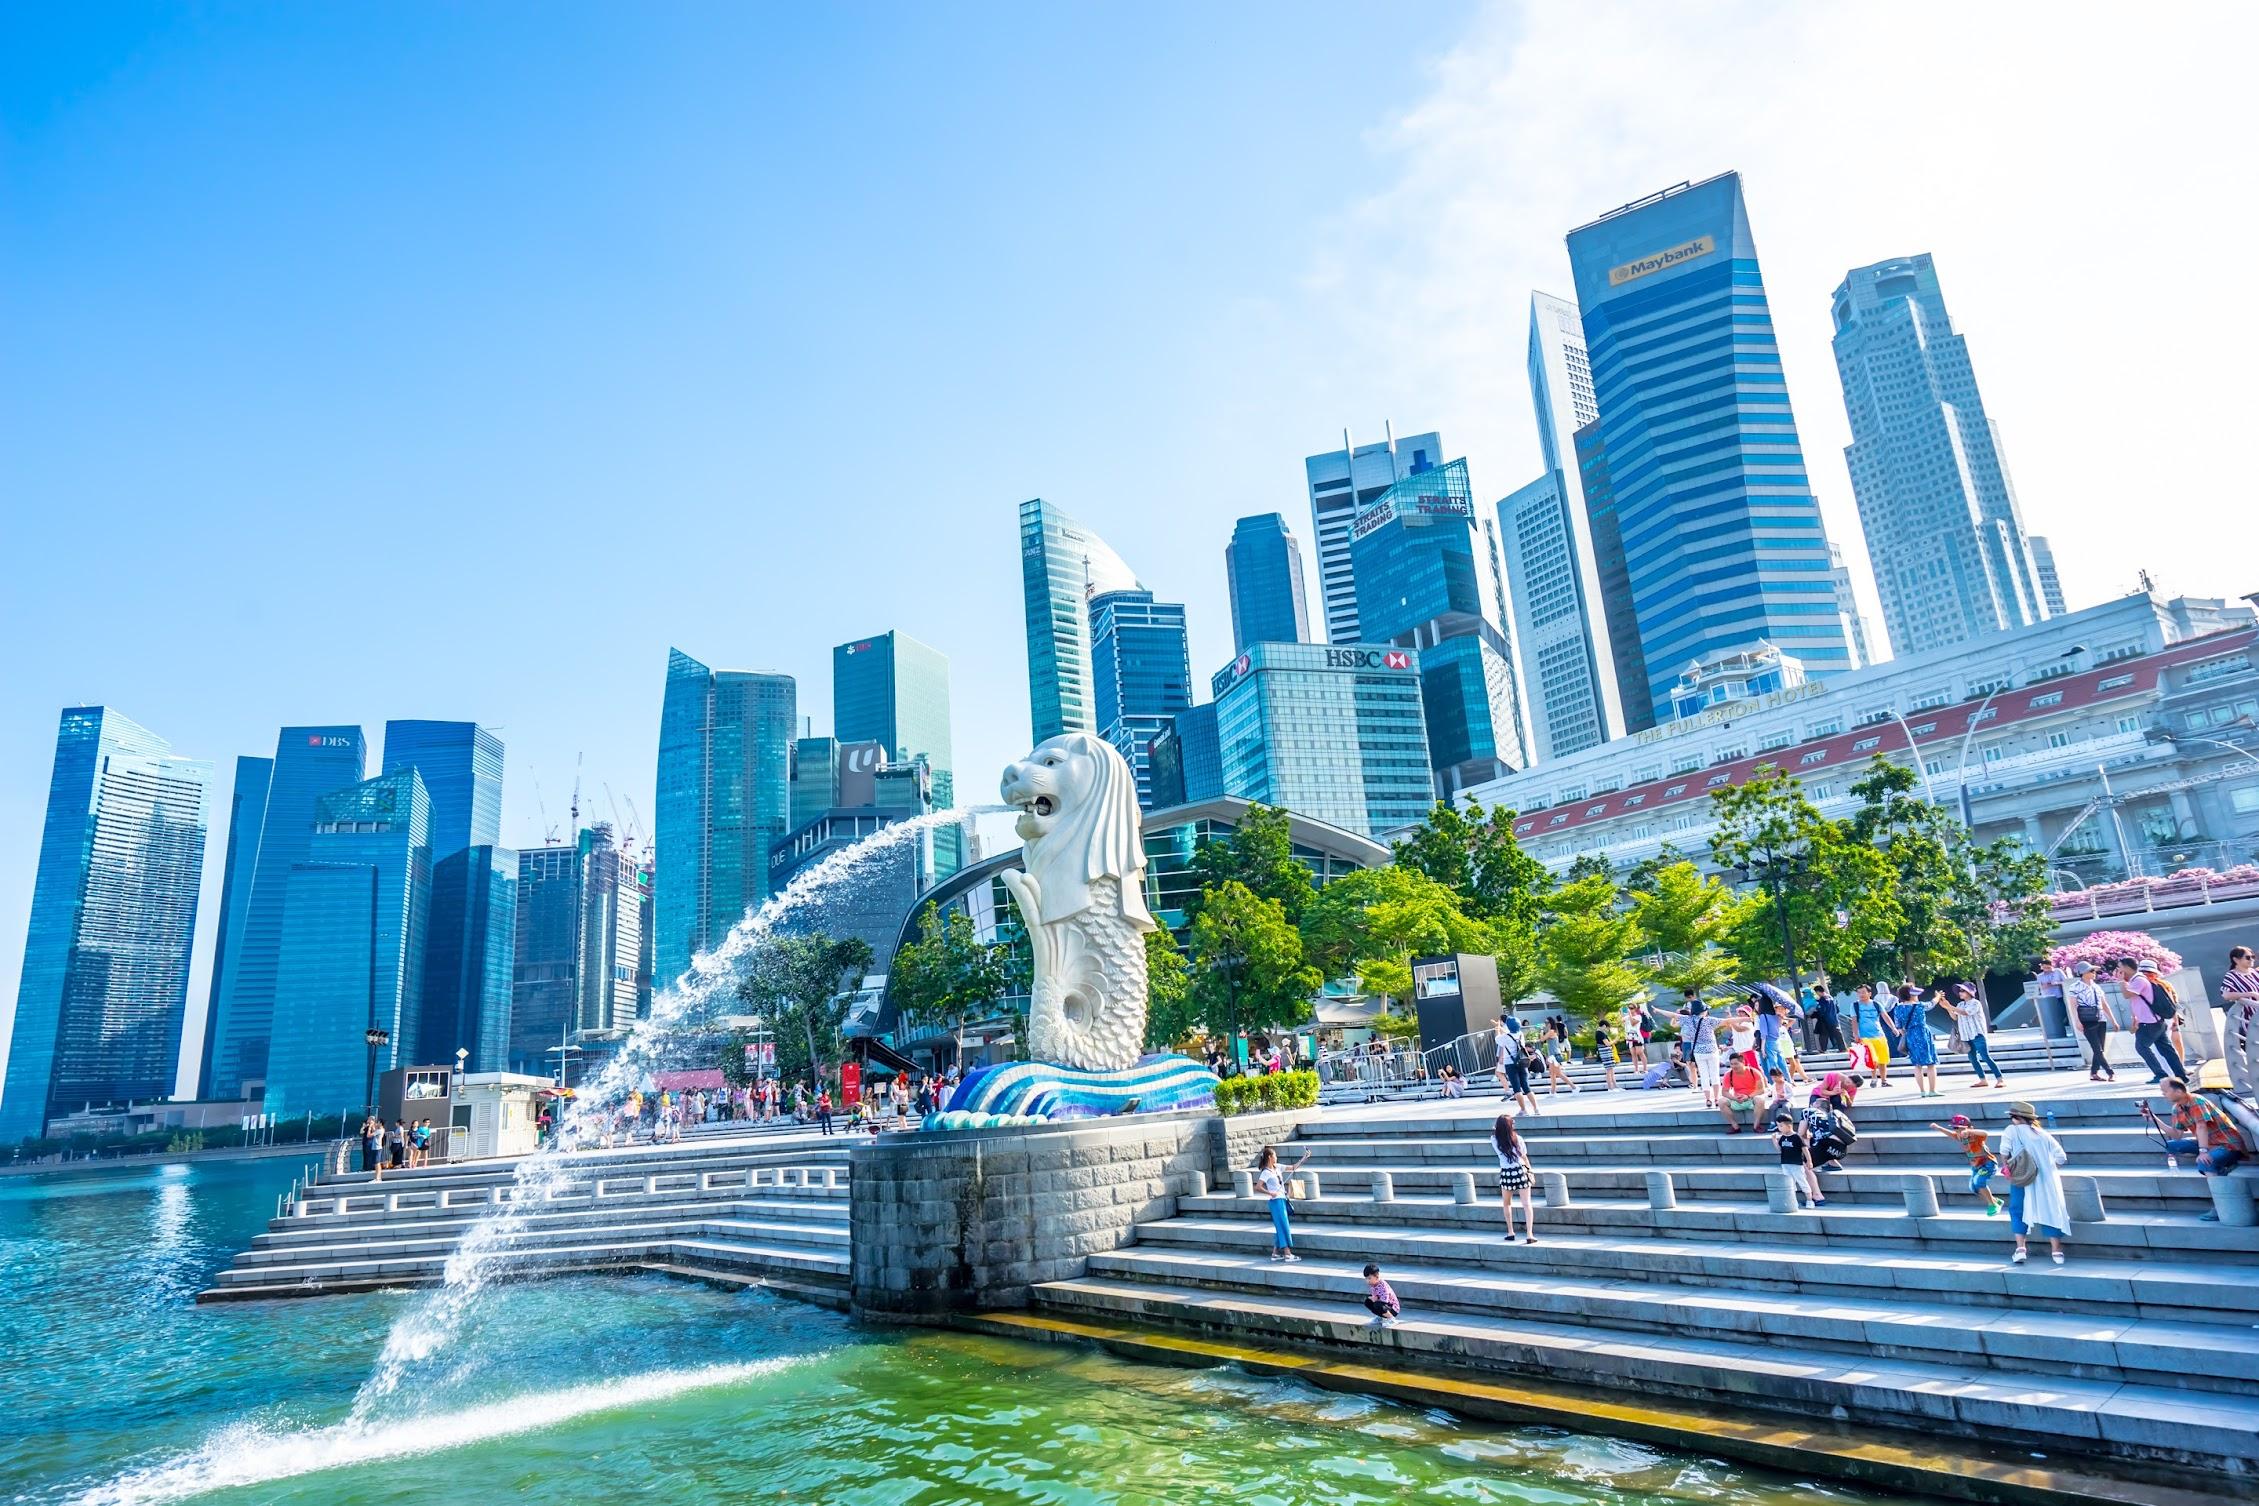 シンガポール フラトン・ホテル